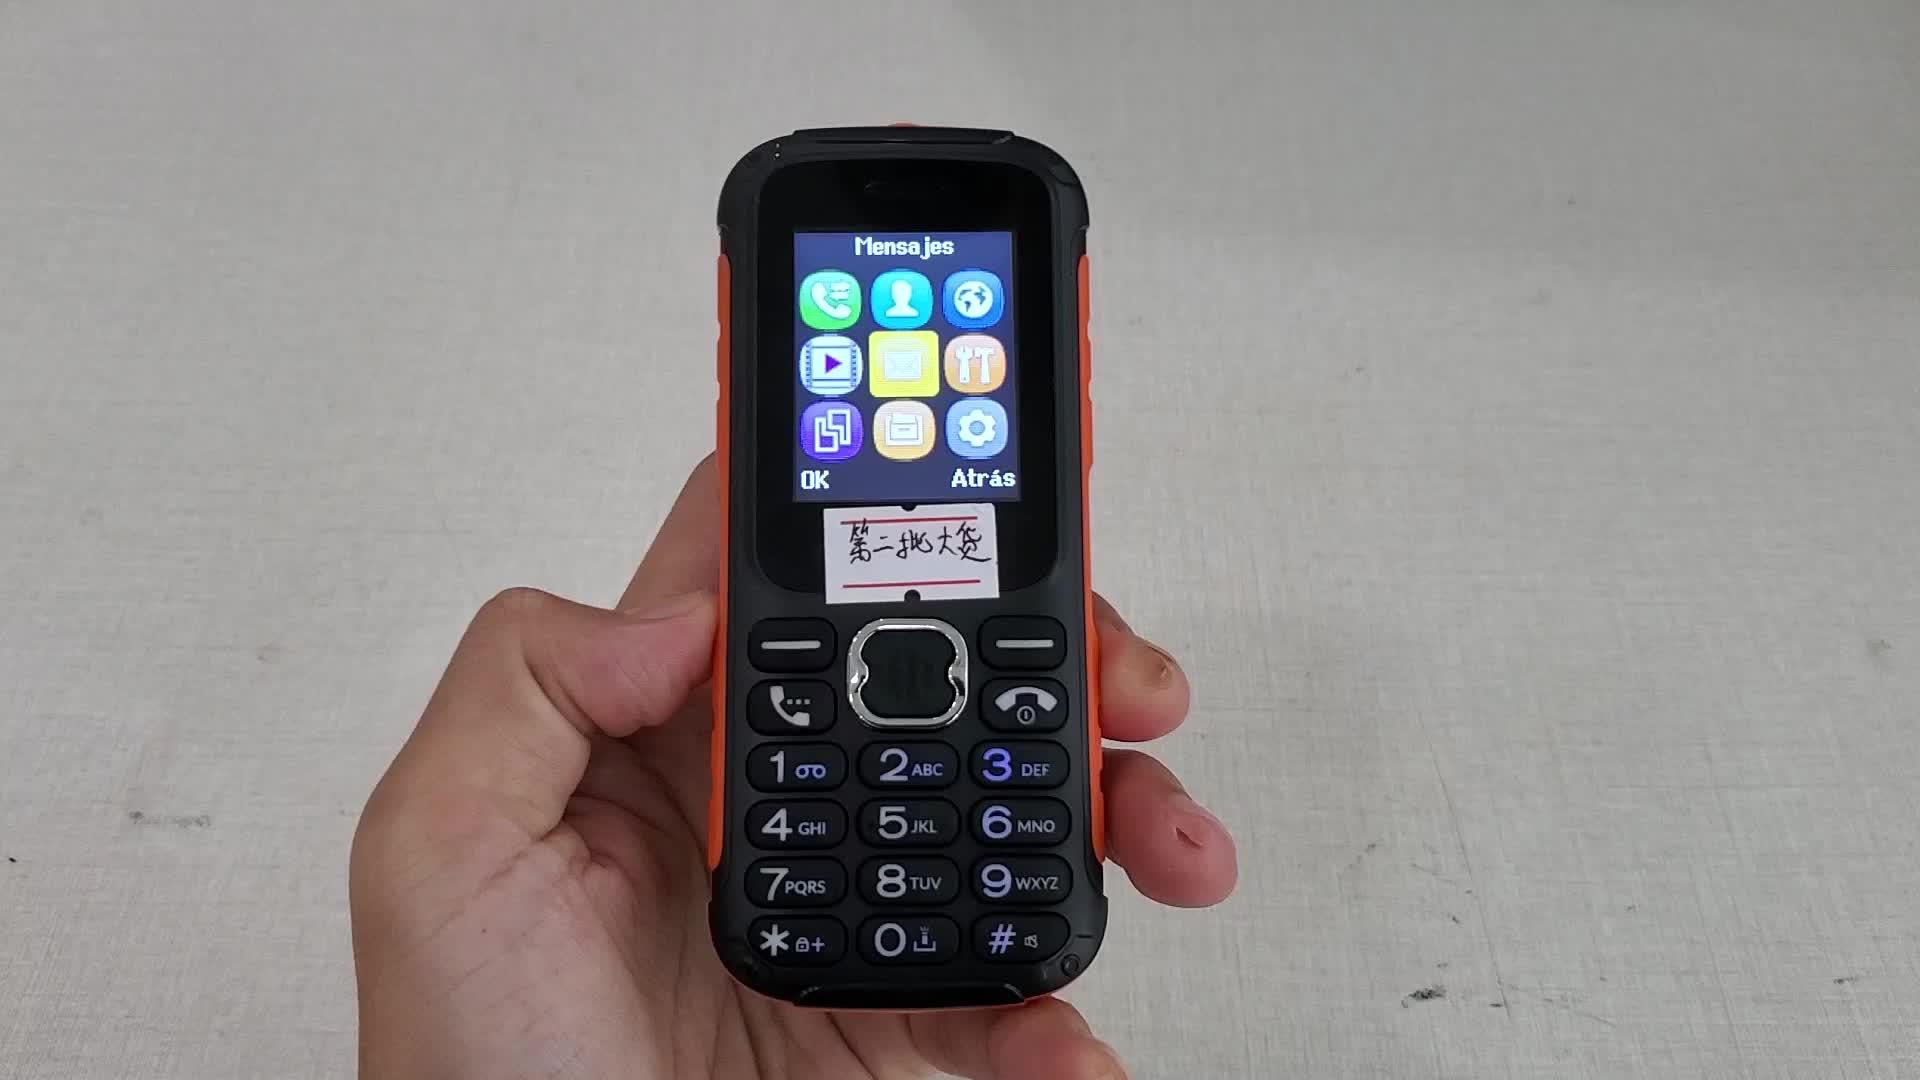 OEM ในราคาที่แข่งขันได้มากที่สุดสี่แถบโทรศัพท์มือถือจีนในสต็อก